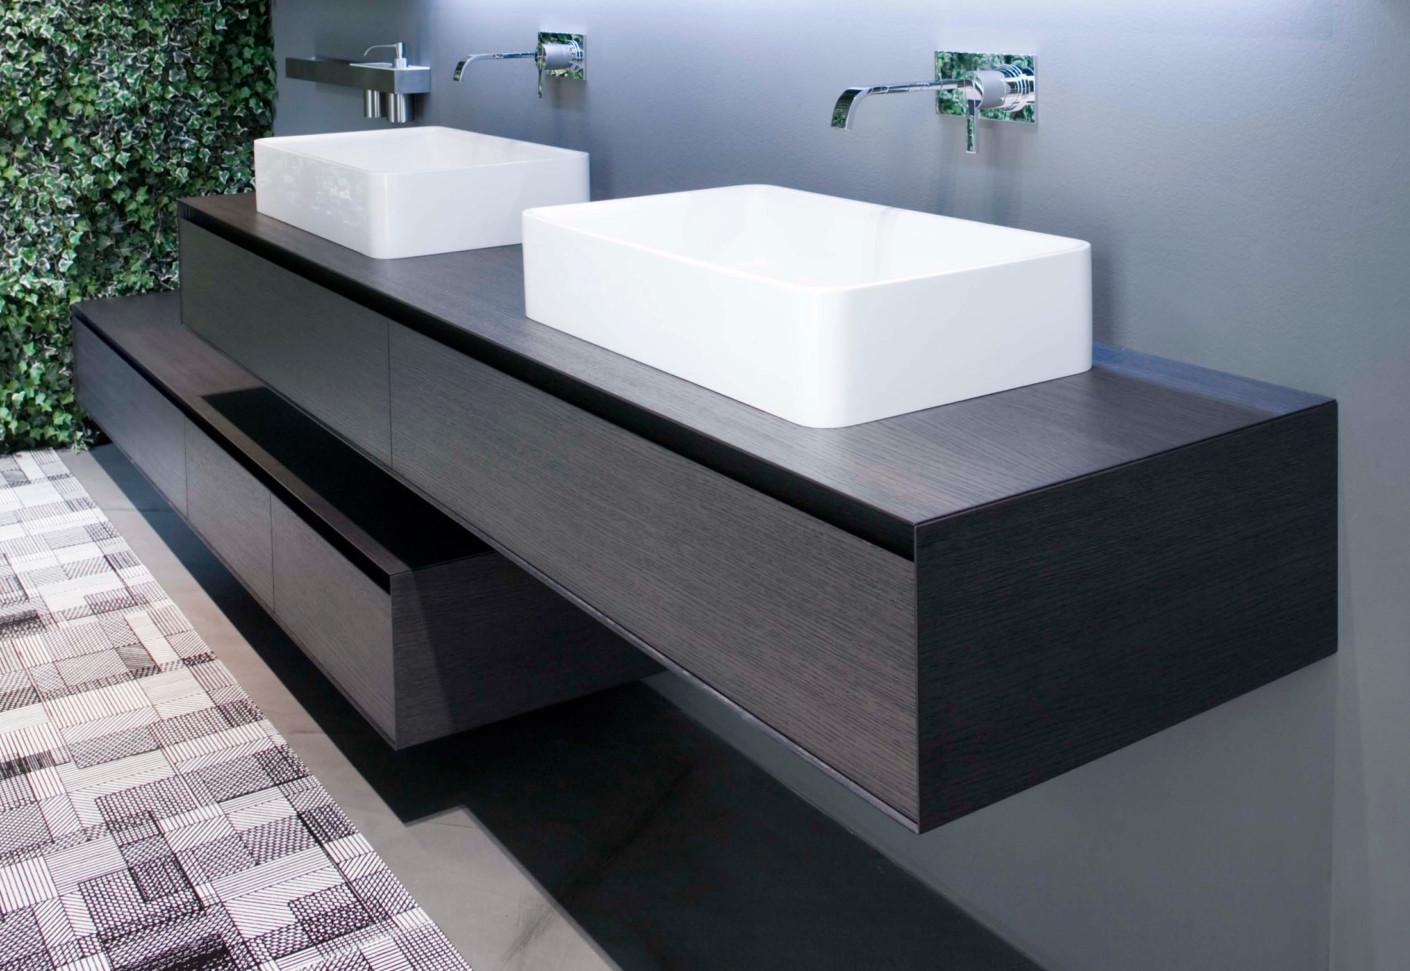 panta rei unterschrank von antonio lupi stylepark. Black Bedroom Furniture Sets. Home Design Ideas